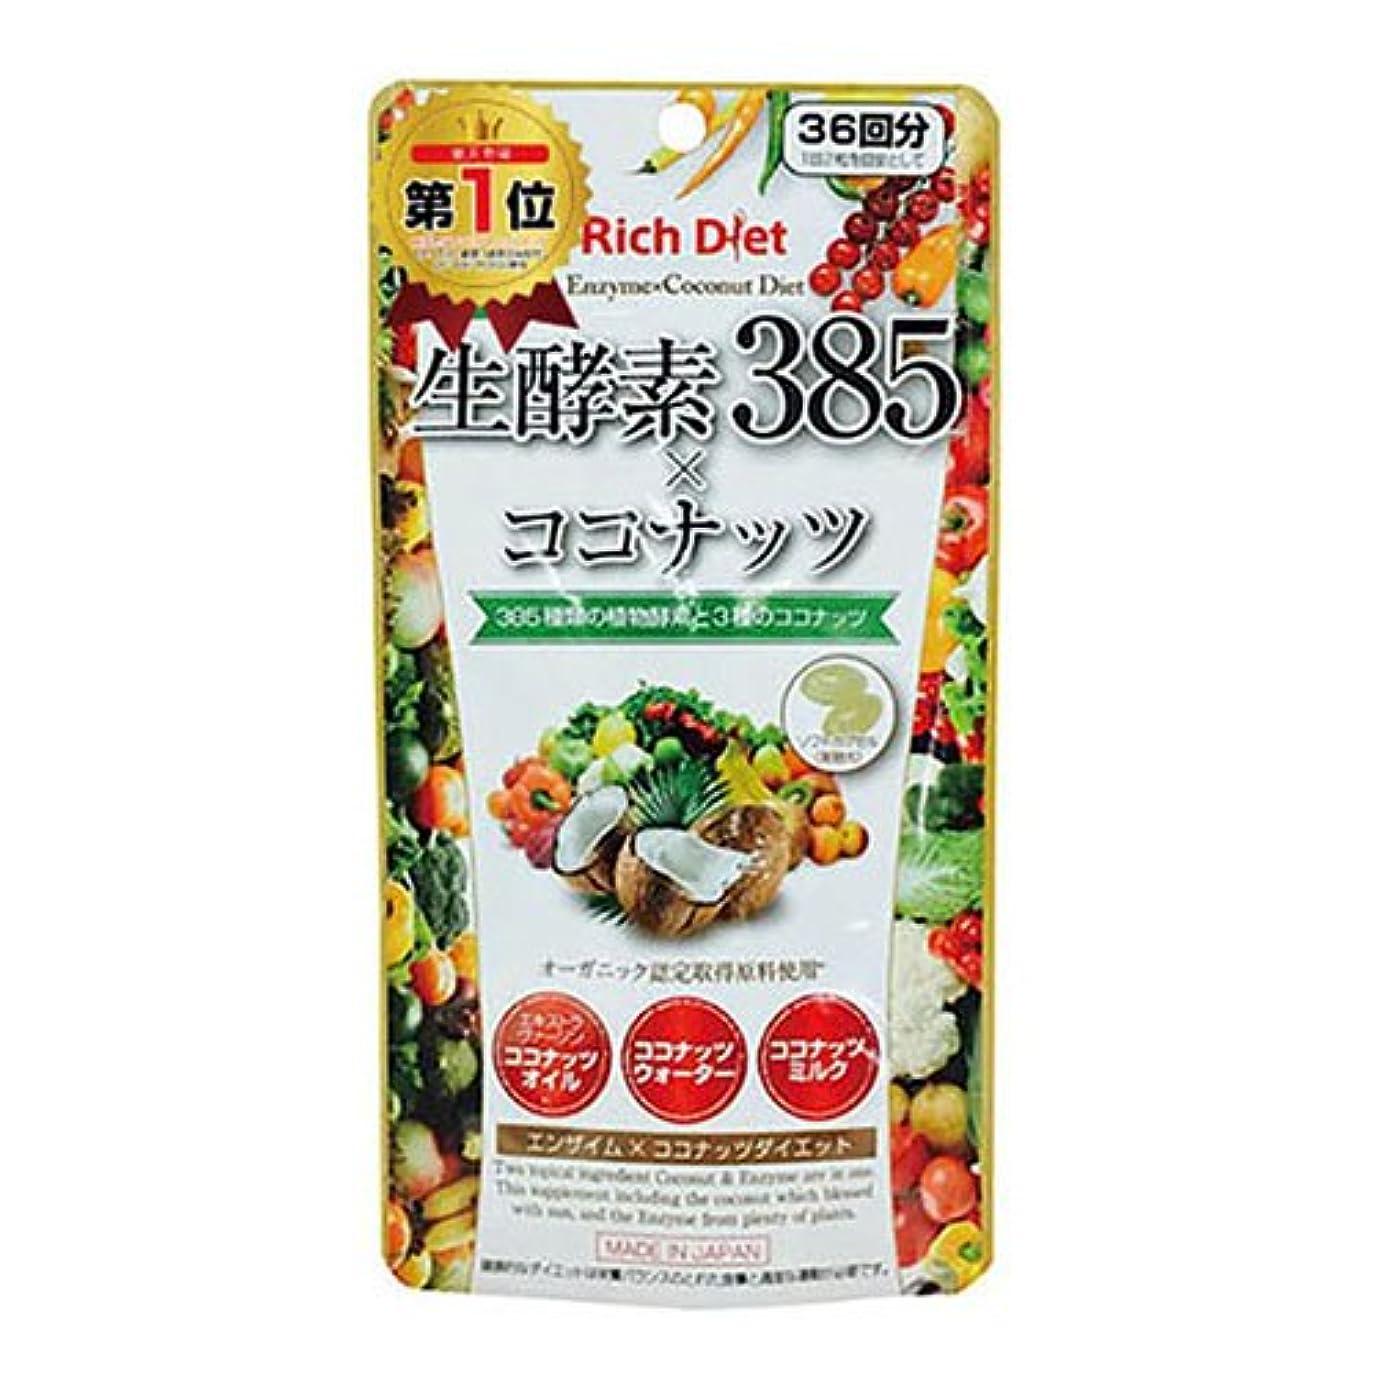 危険にさらされている申し込む雇ったRich Diet 生酵素×ココナッツダイエット 72粒